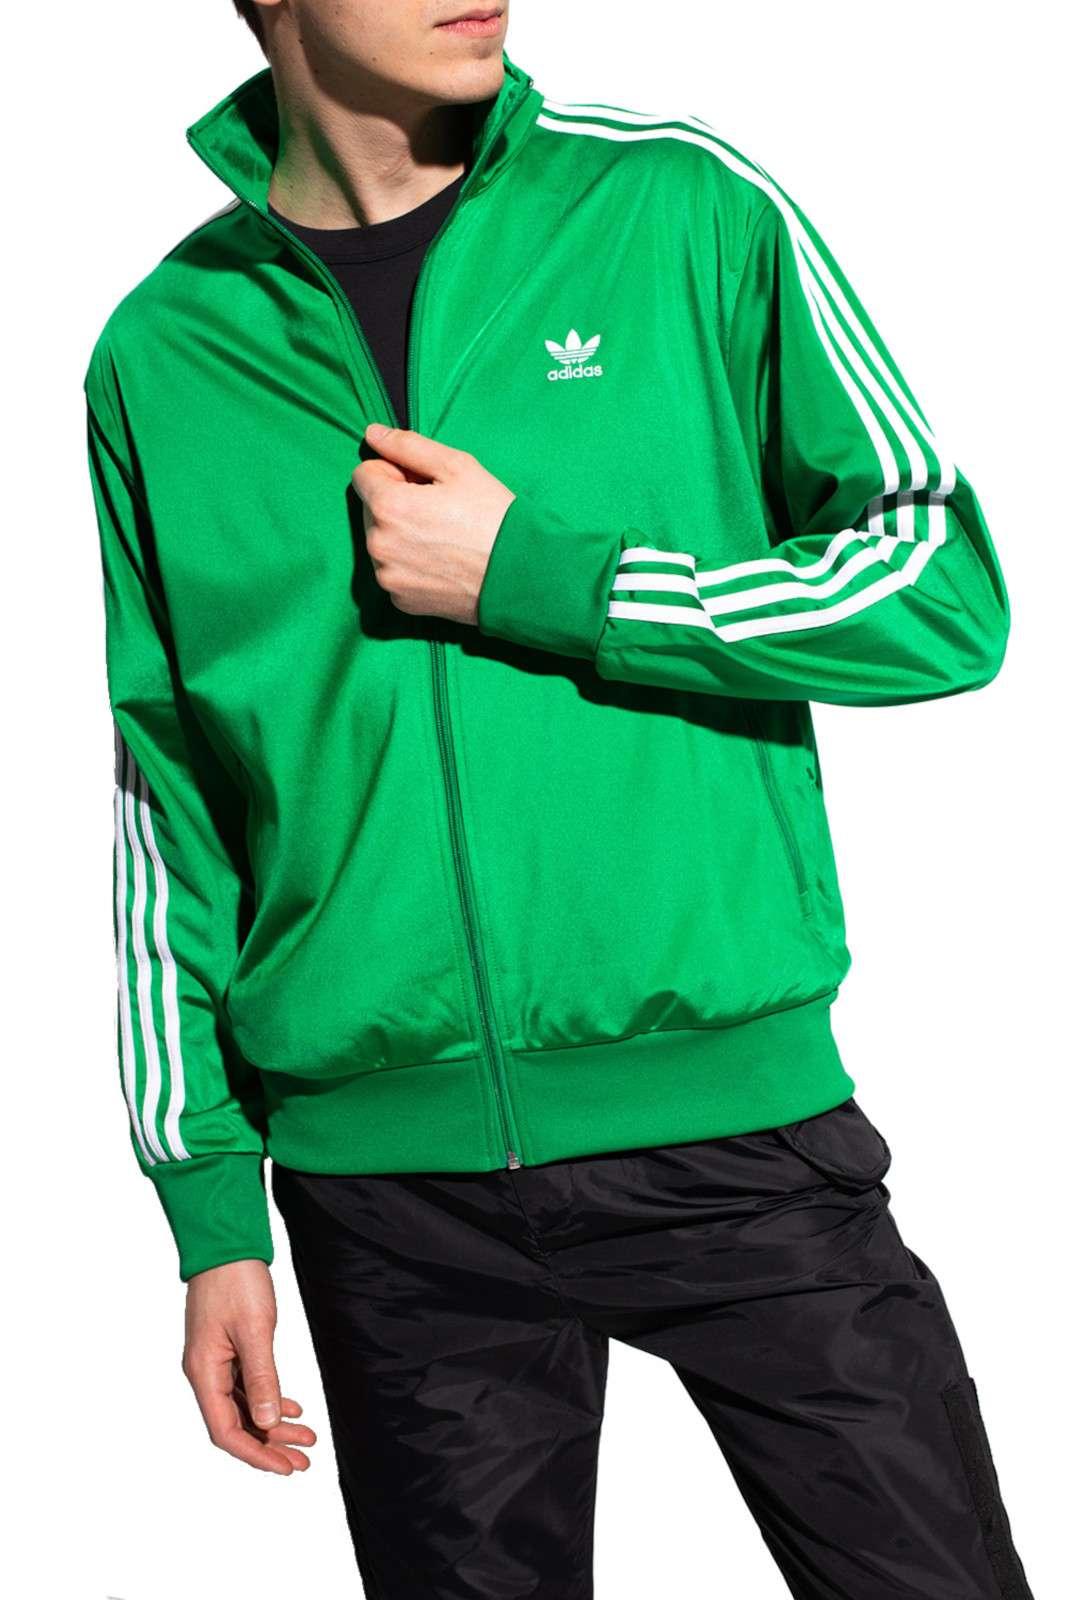 Un classico per l'uomo sportivo, TRACK JACKET FIREBIRD di Adidas, icona di stile per i tuoi outfit metropolitani. Realizzata in tricot, con poliestere riciclato, assicurerà comfort e leggerezza in ogni evenienza.